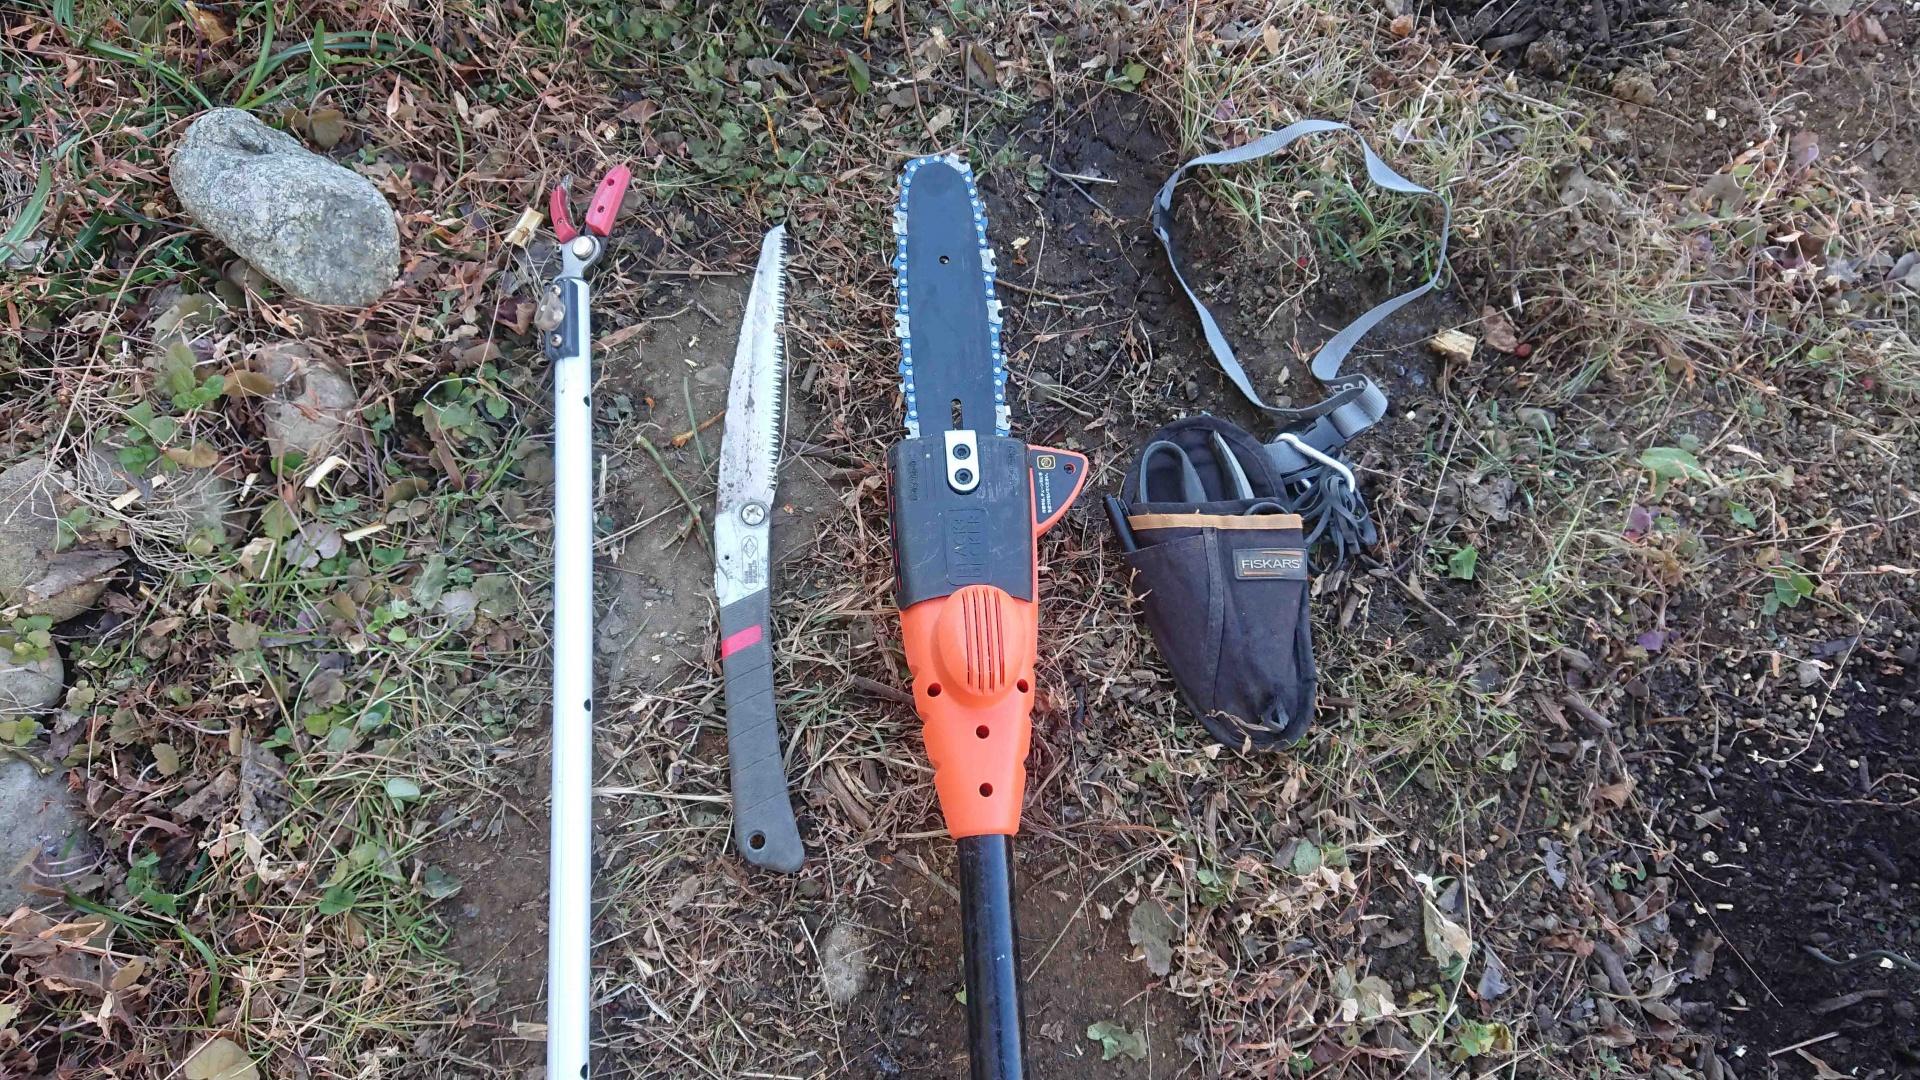 左から,高枝切りハサミ,ノコギリ,新しく買った充電式チェーンソー,剪定鋏